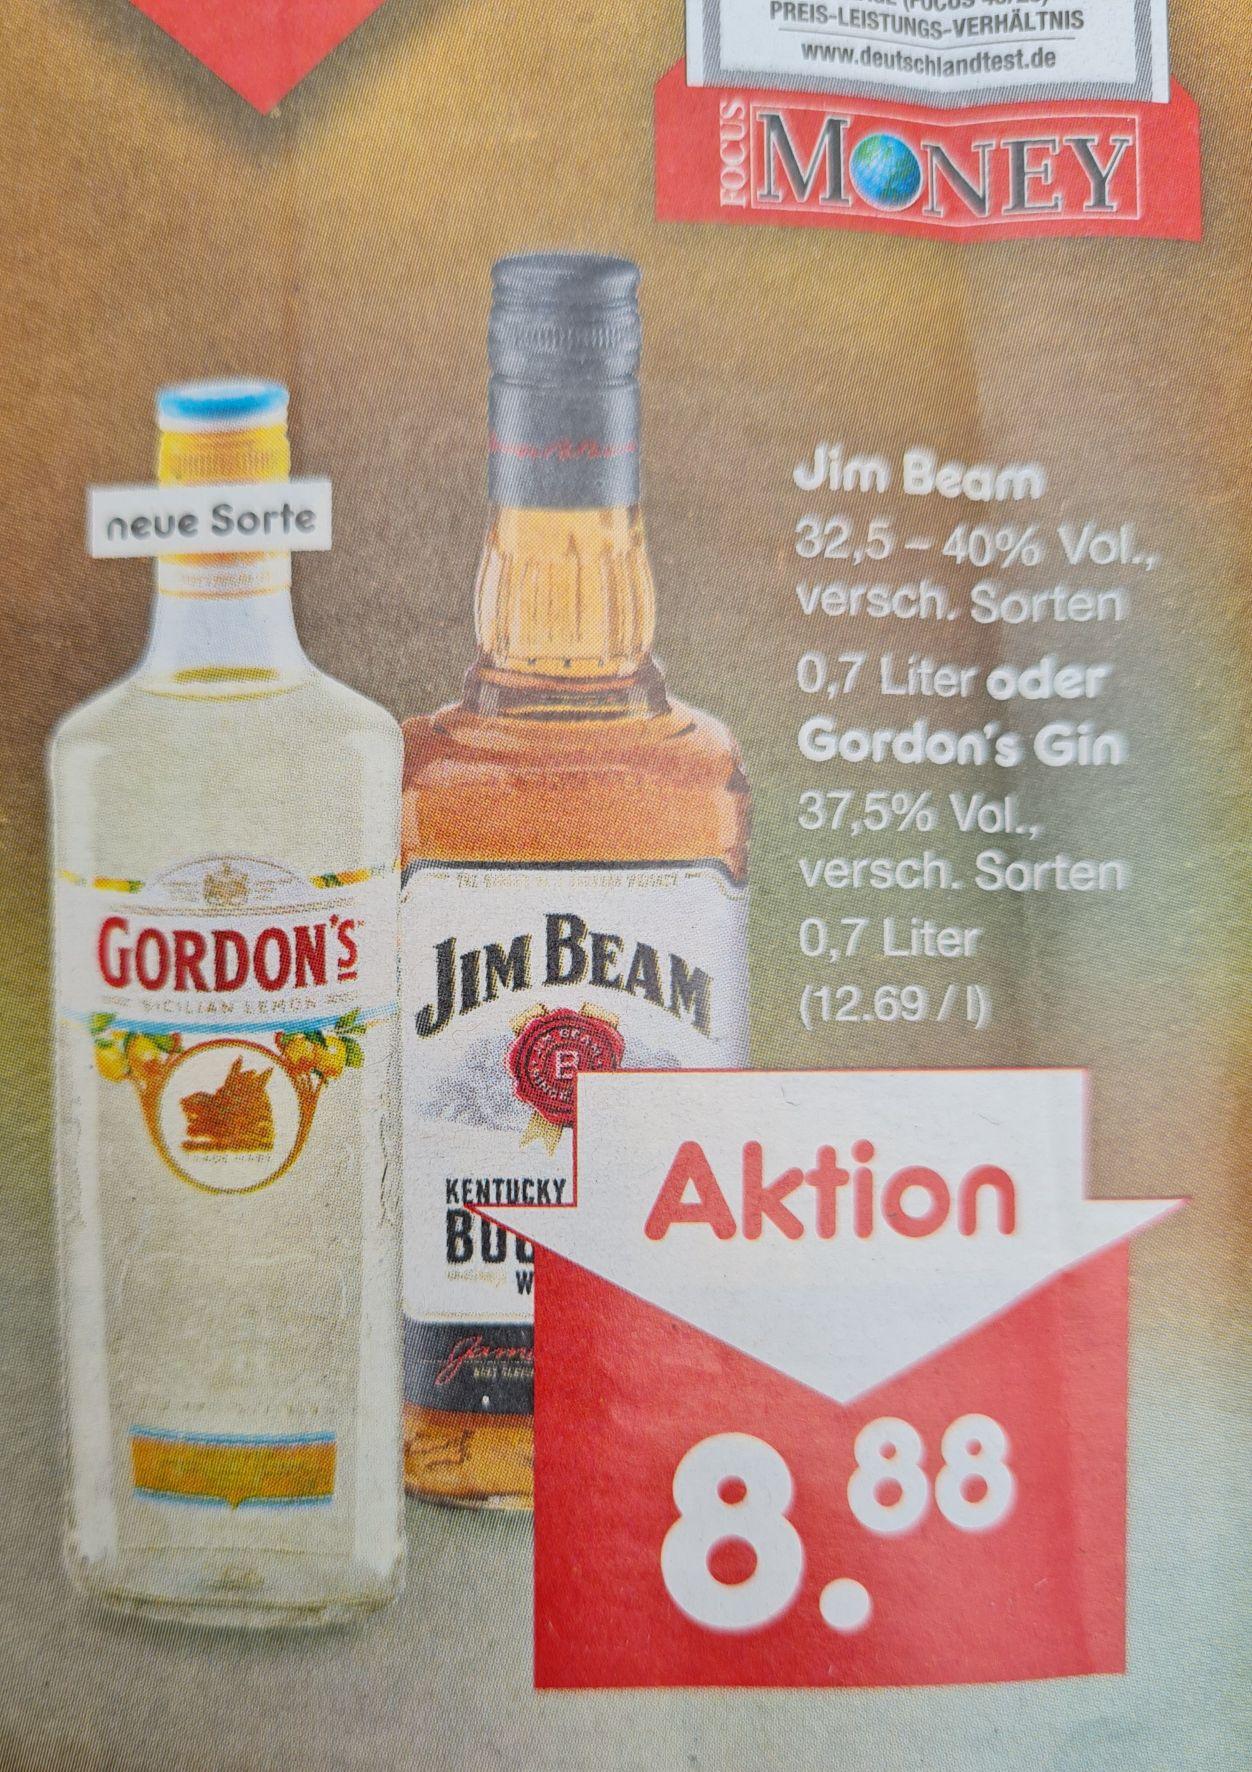 Gordon's Gin 37,5% 0,7 l ODER Jim Beam 32,5-40% 0,7 la verschiedene Sorten nur am Freitag 30.04 Netto MD